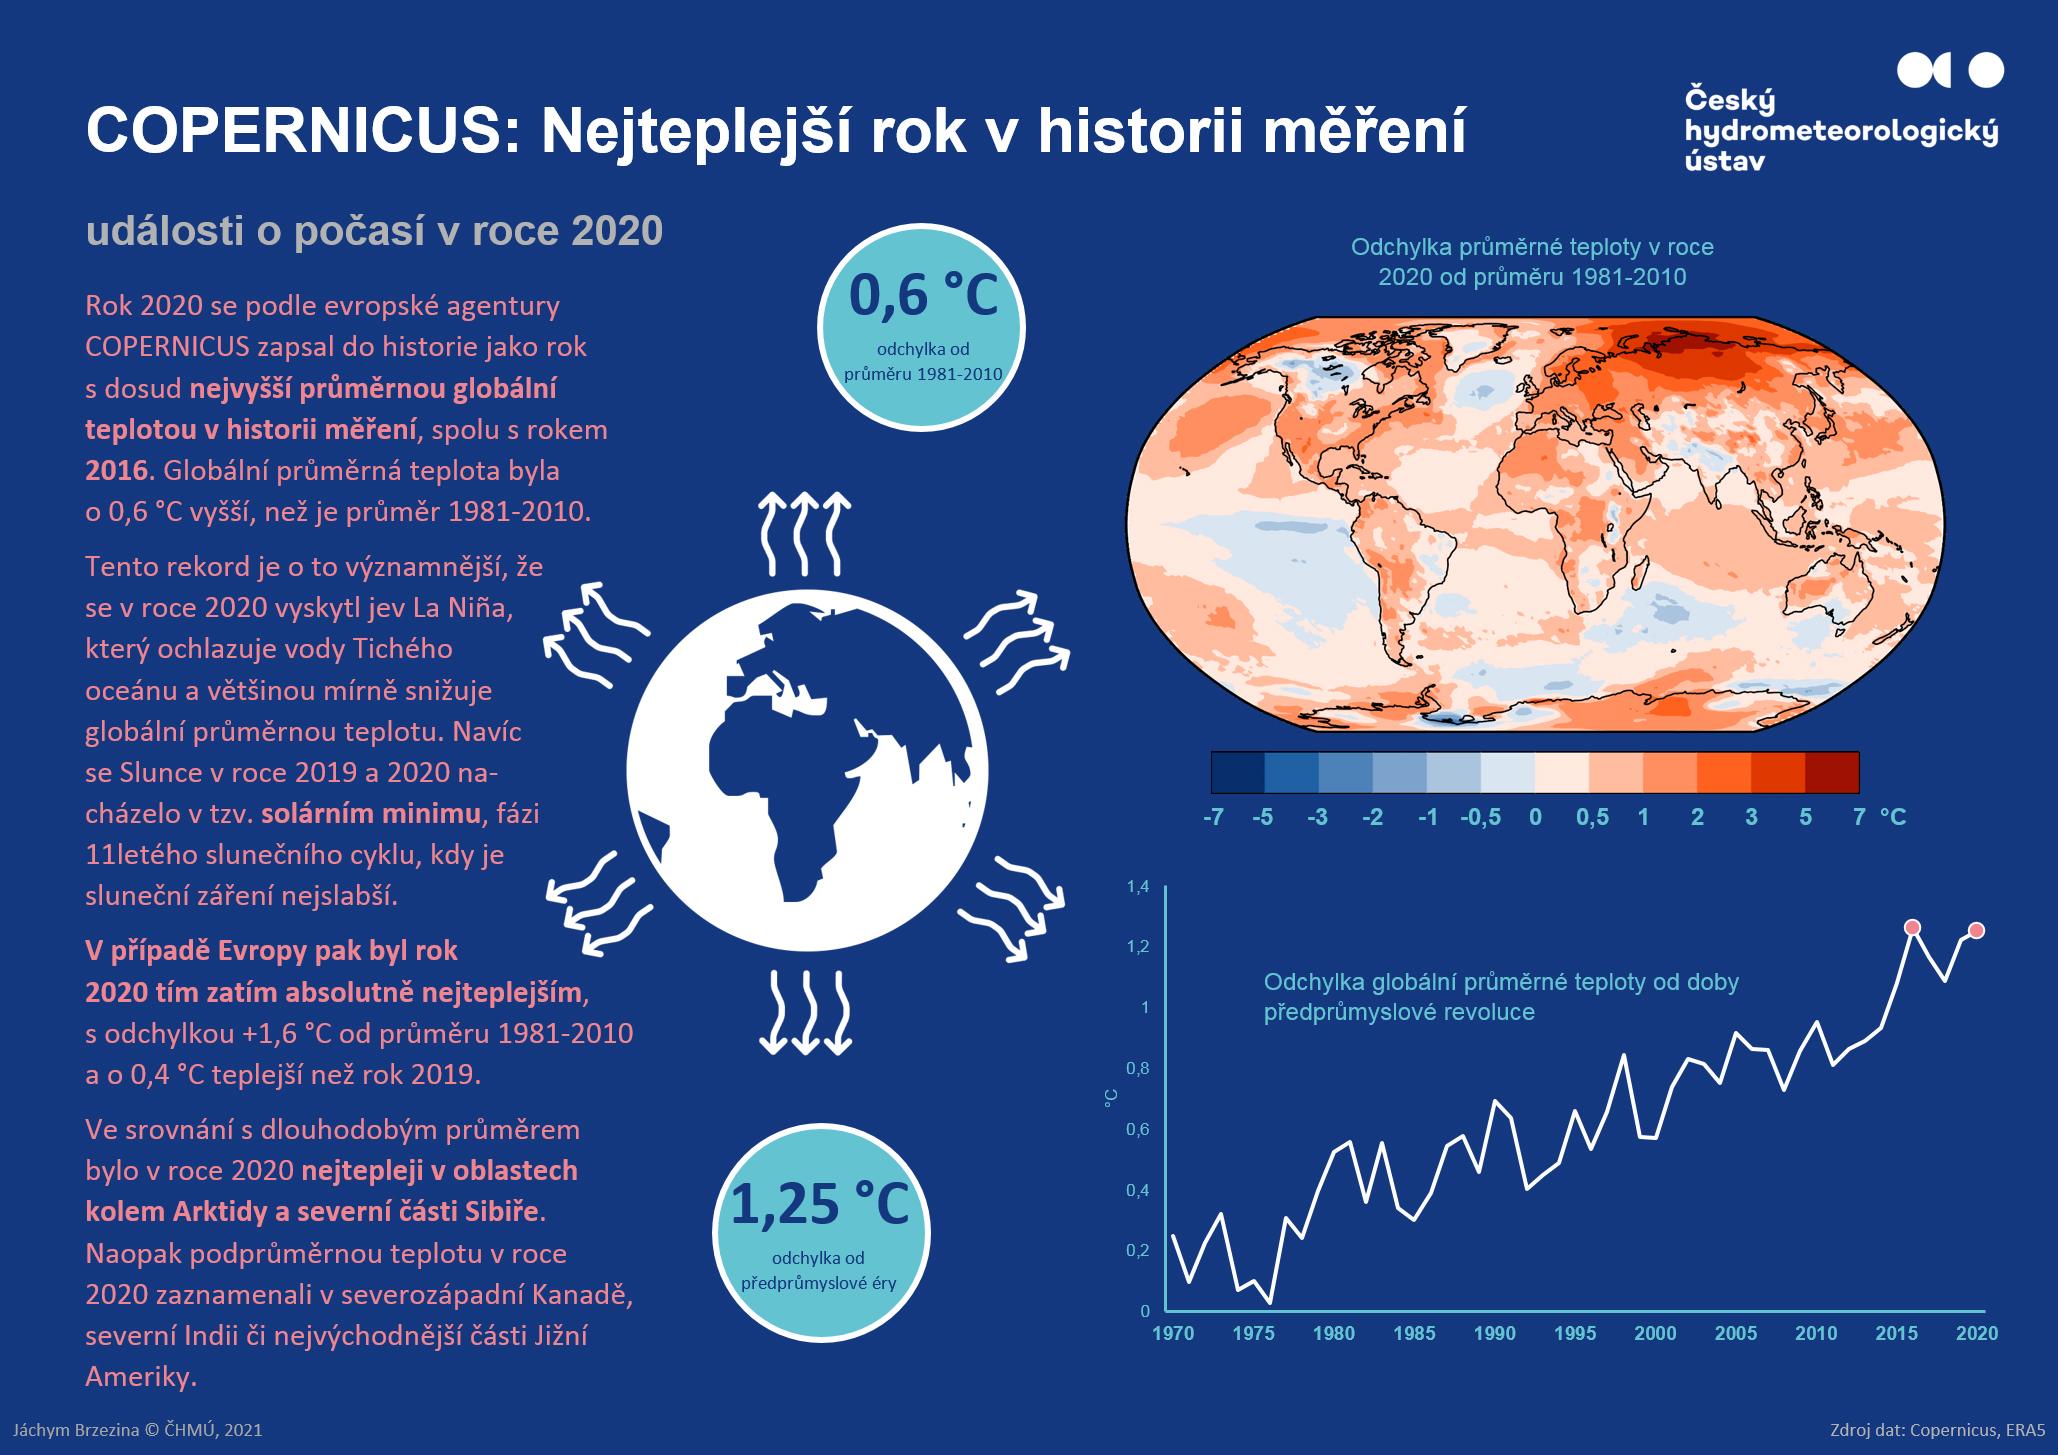 Infografiky 2020 – Nejteplejší rok v historii měření v Evropě1 min čtení